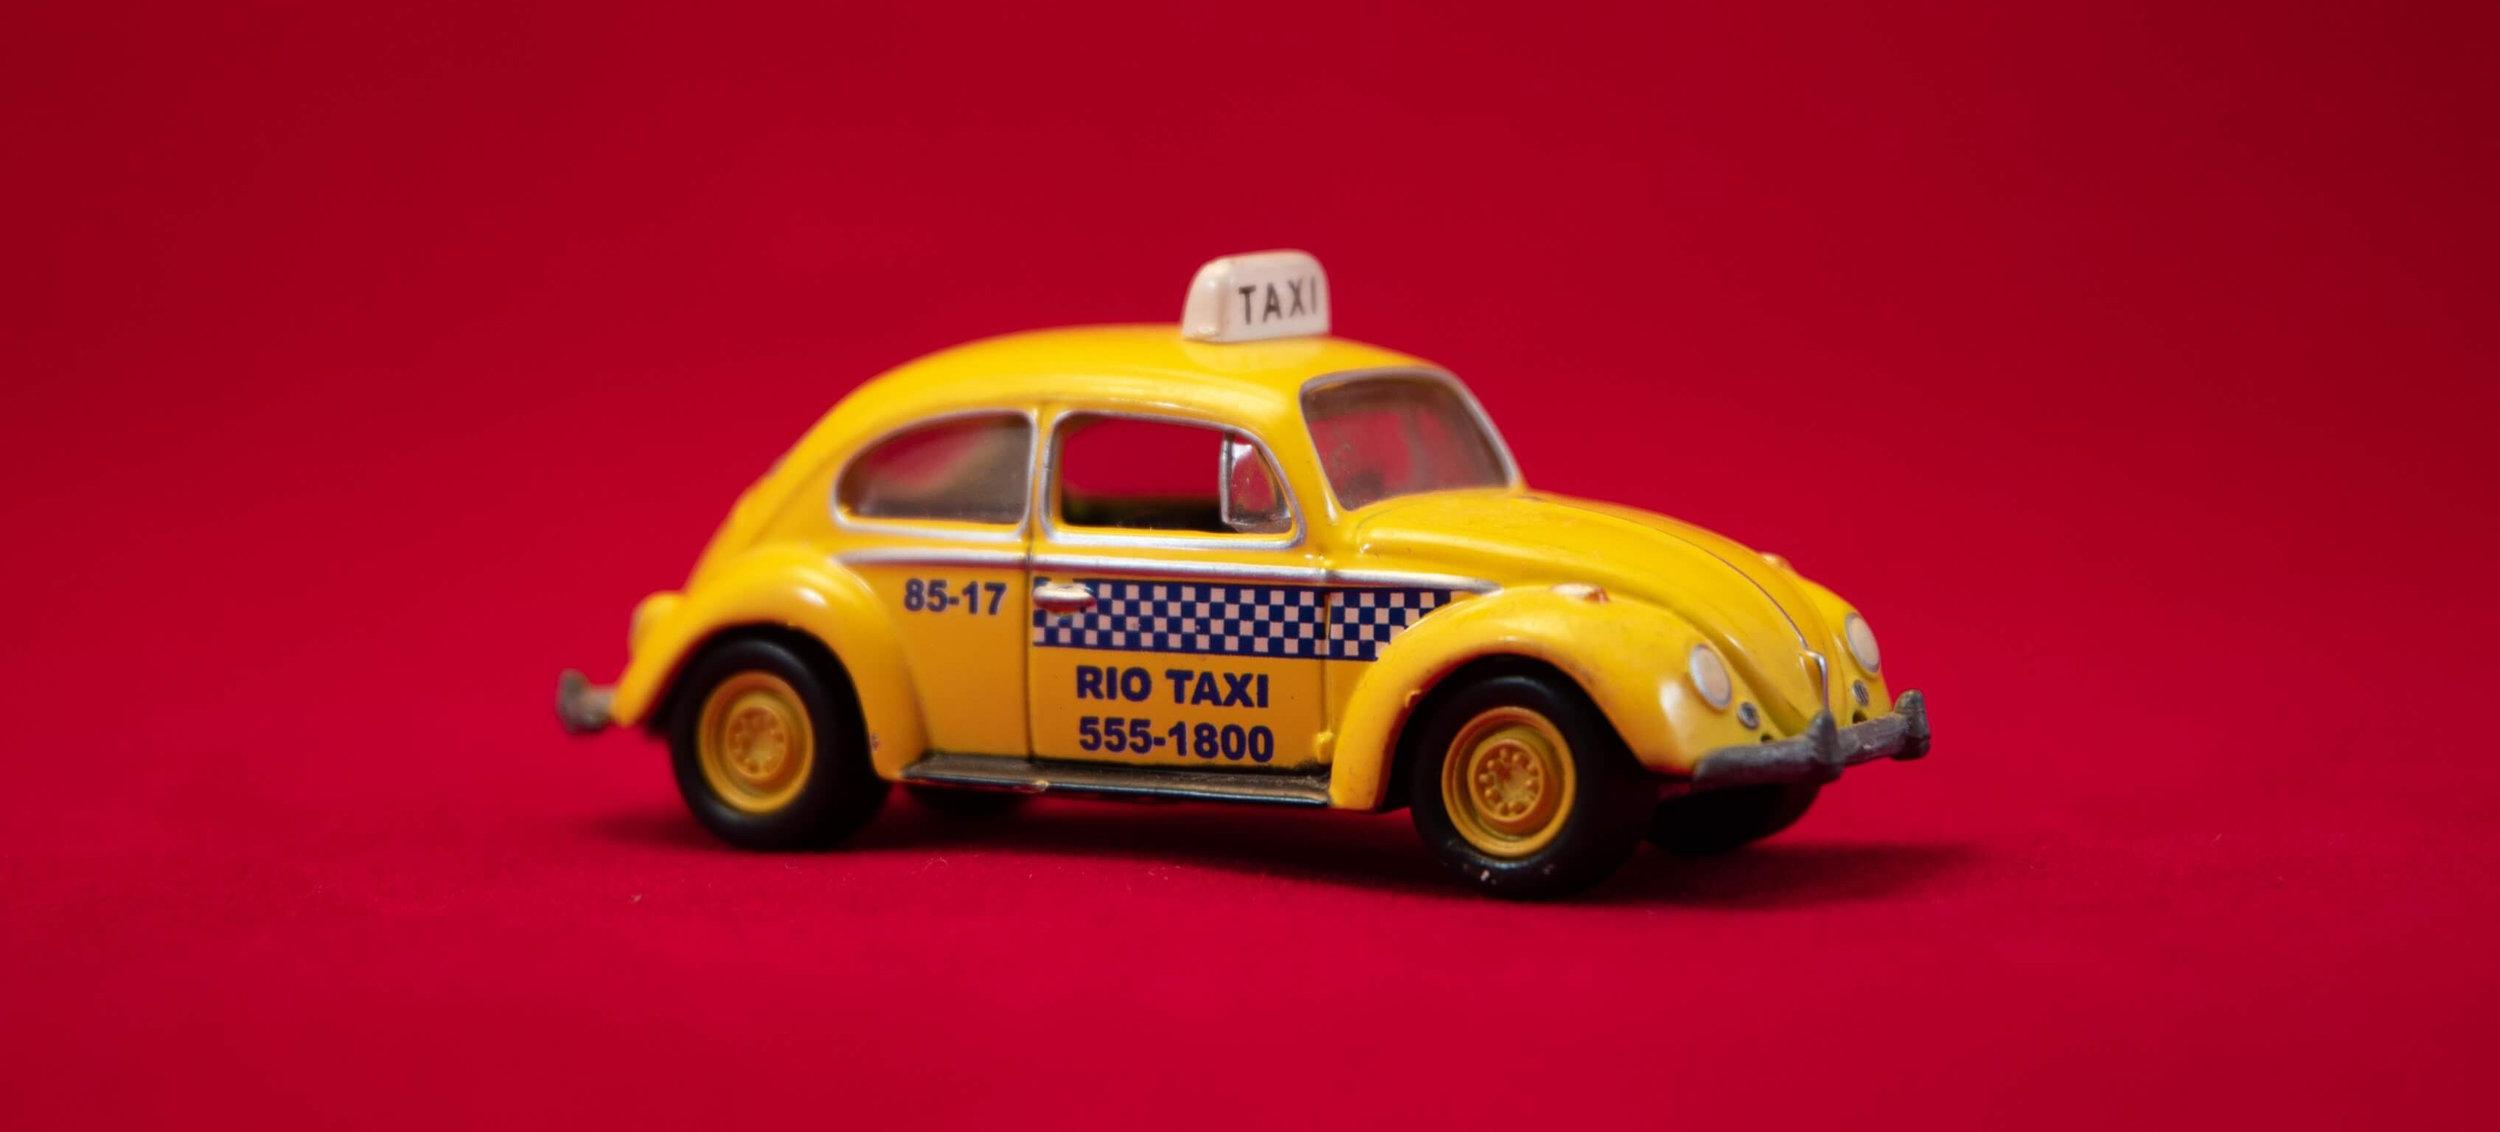 beetle-taxi.jpg